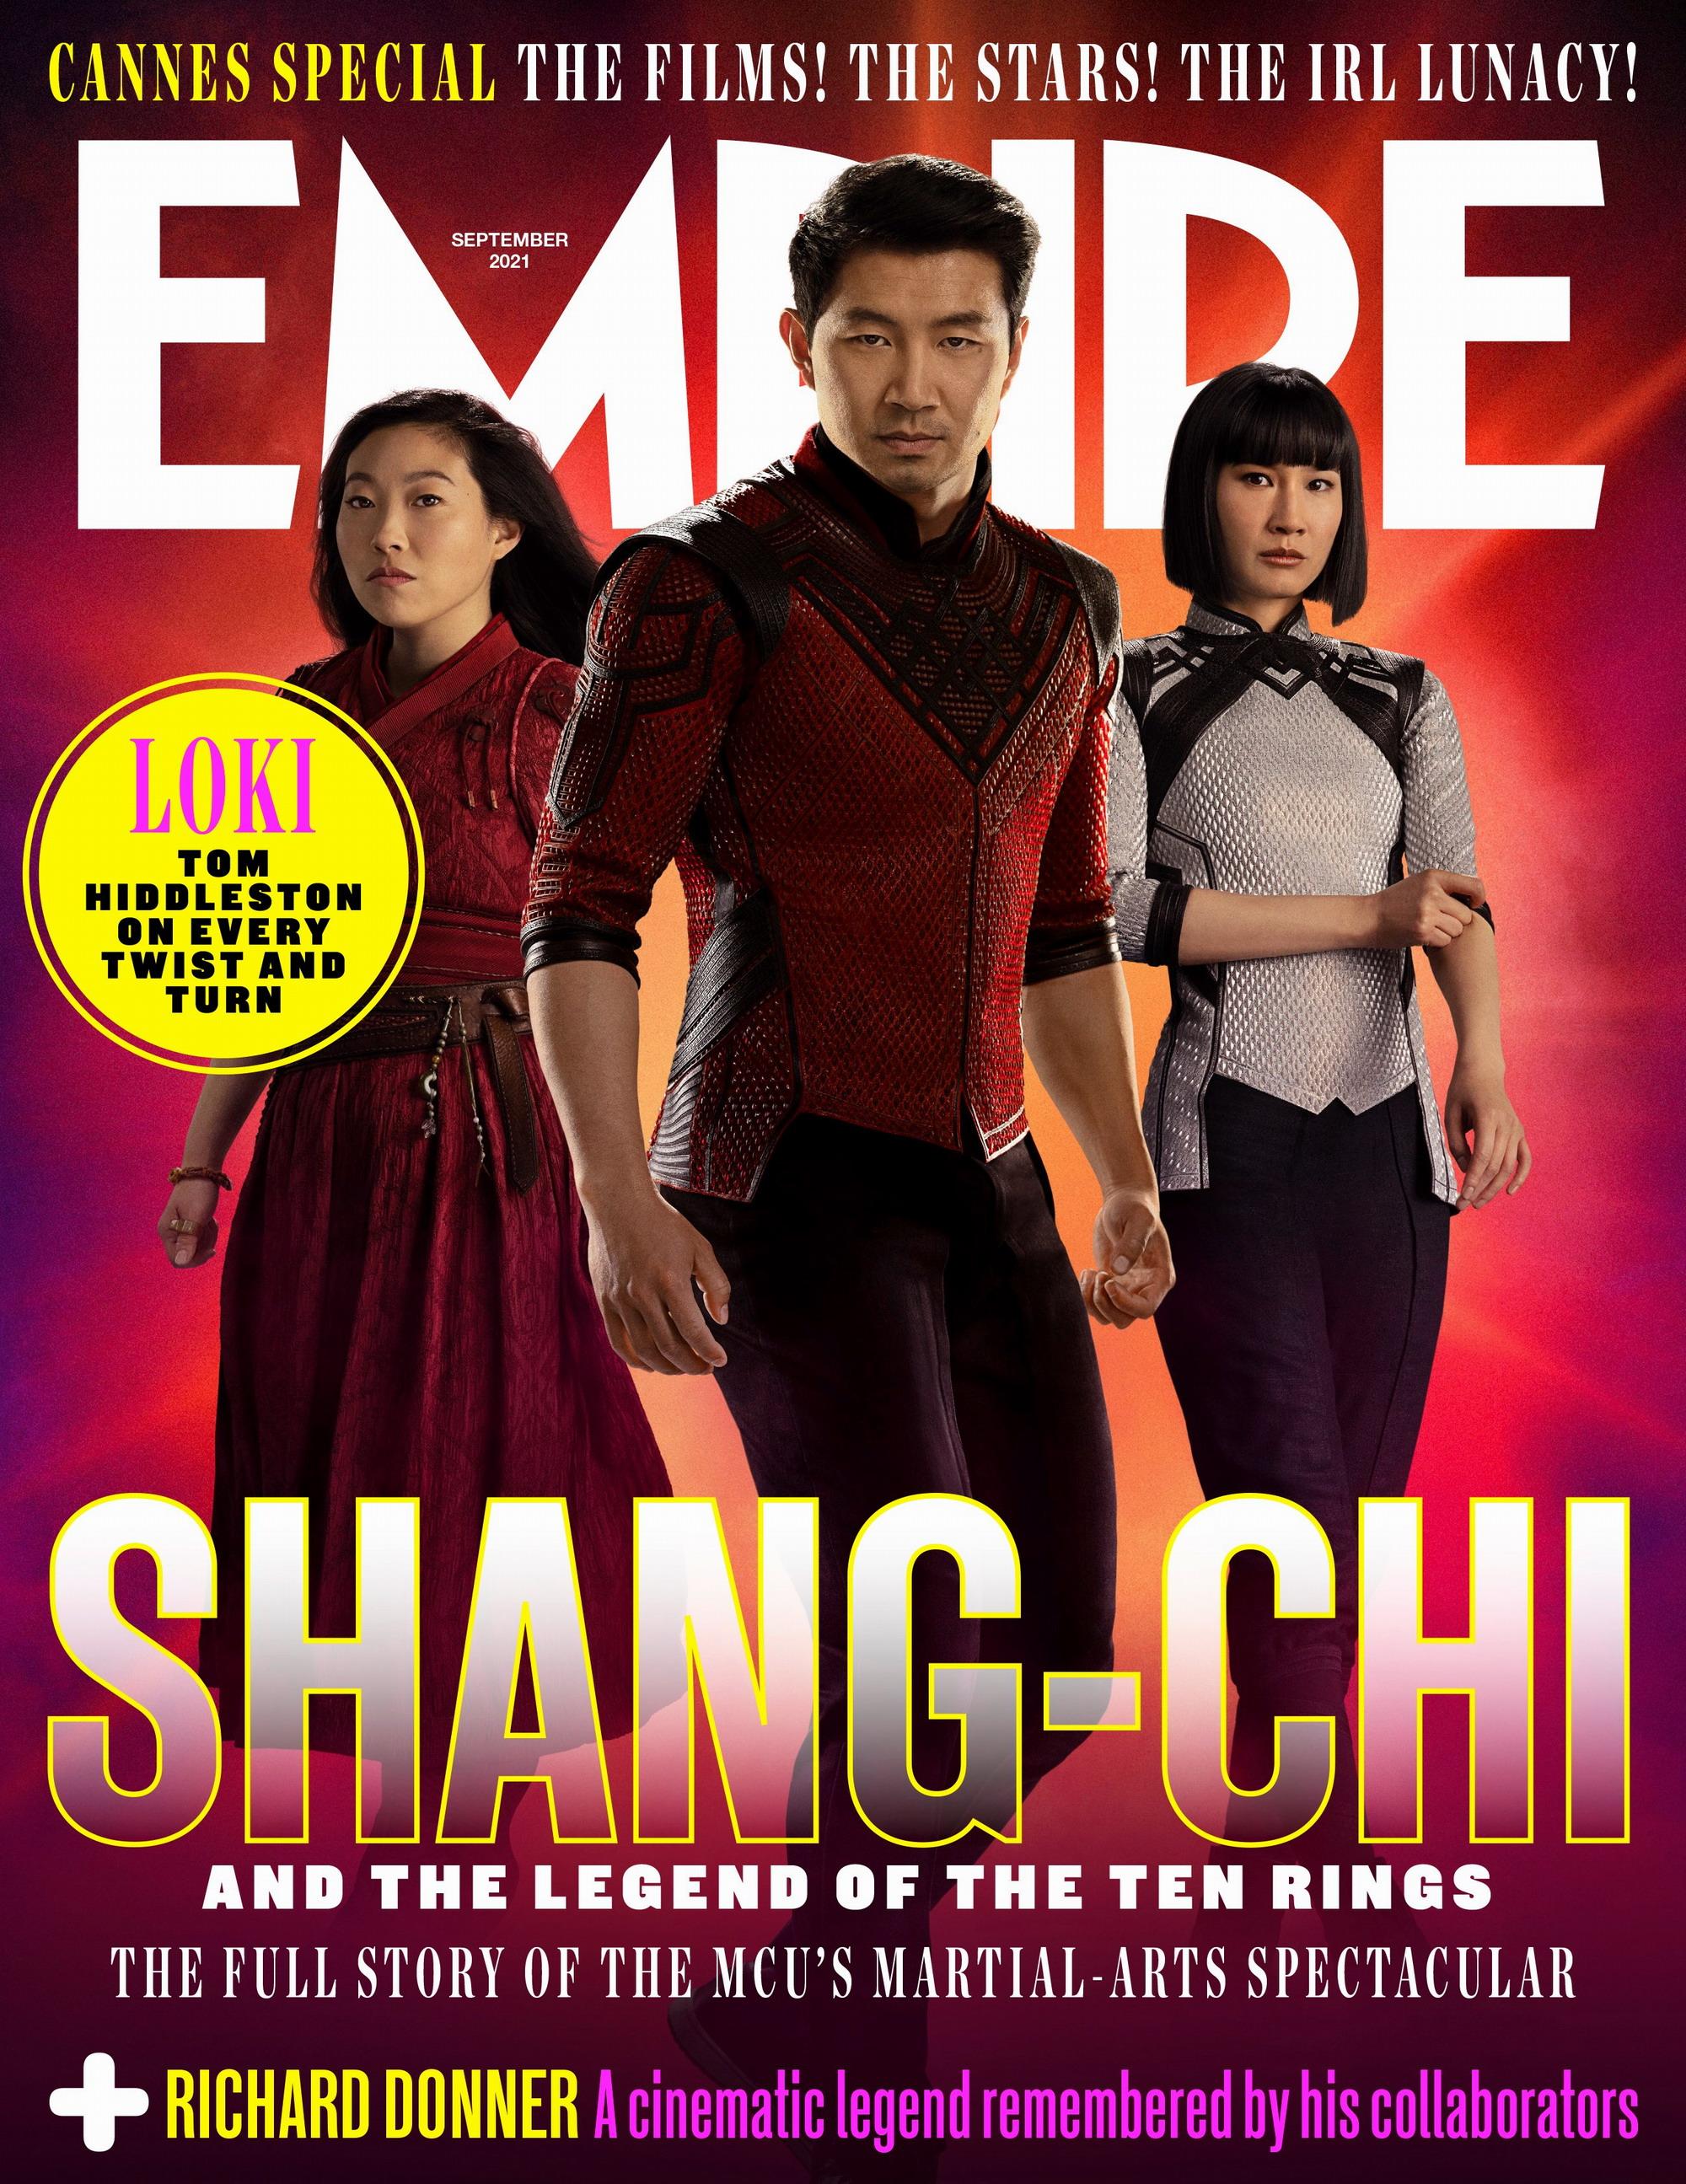 《尚气与十环传奇》杂志封面图 新正式海报发布